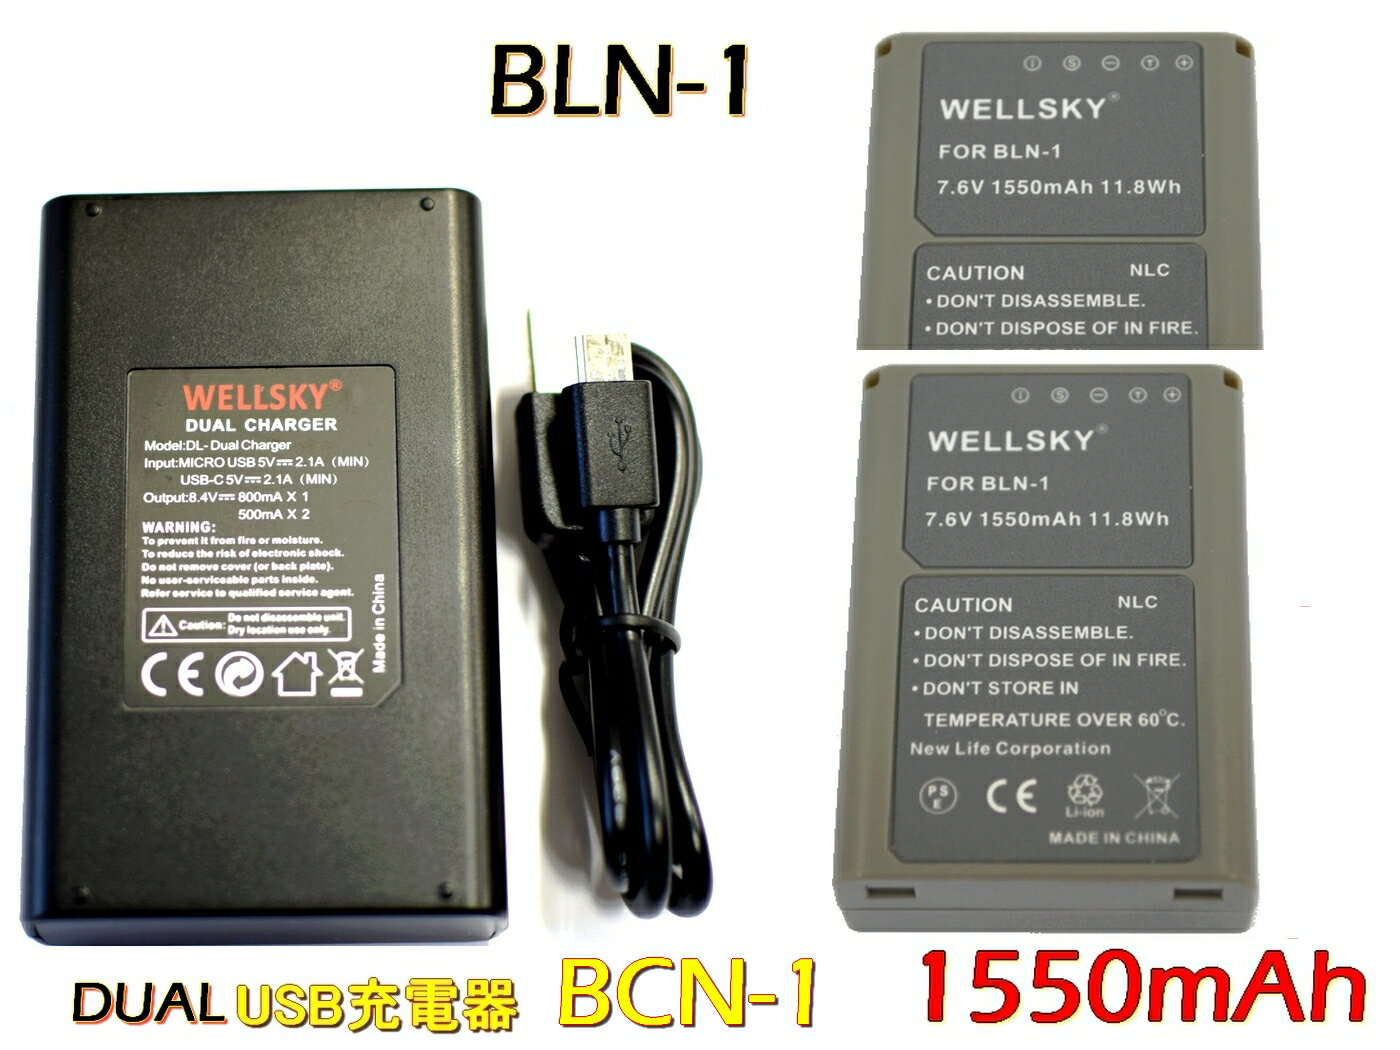 デジタルカメラ, デジタル一眼レフカメラ  OLYMPUS BLN-1 1550mAh 2 USB BCN-1 1 3 OM-D E-M5 E-P5 E-M1 E-M5 Mark II E-M1X